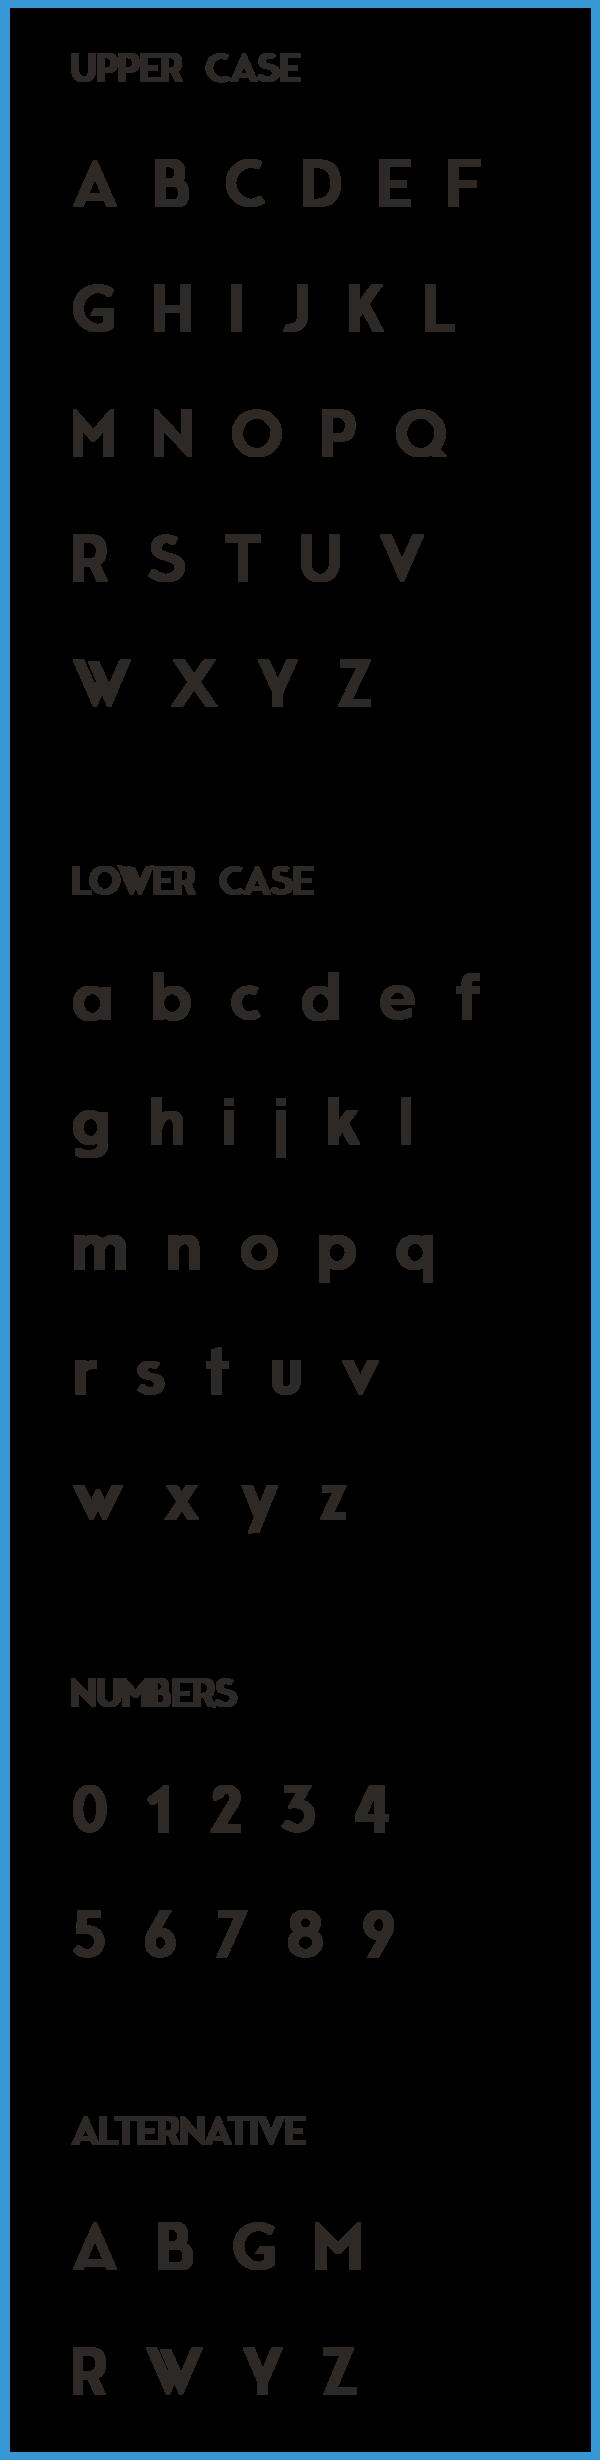 Librerías Gandhi lanza su tipografía de descarga y uso